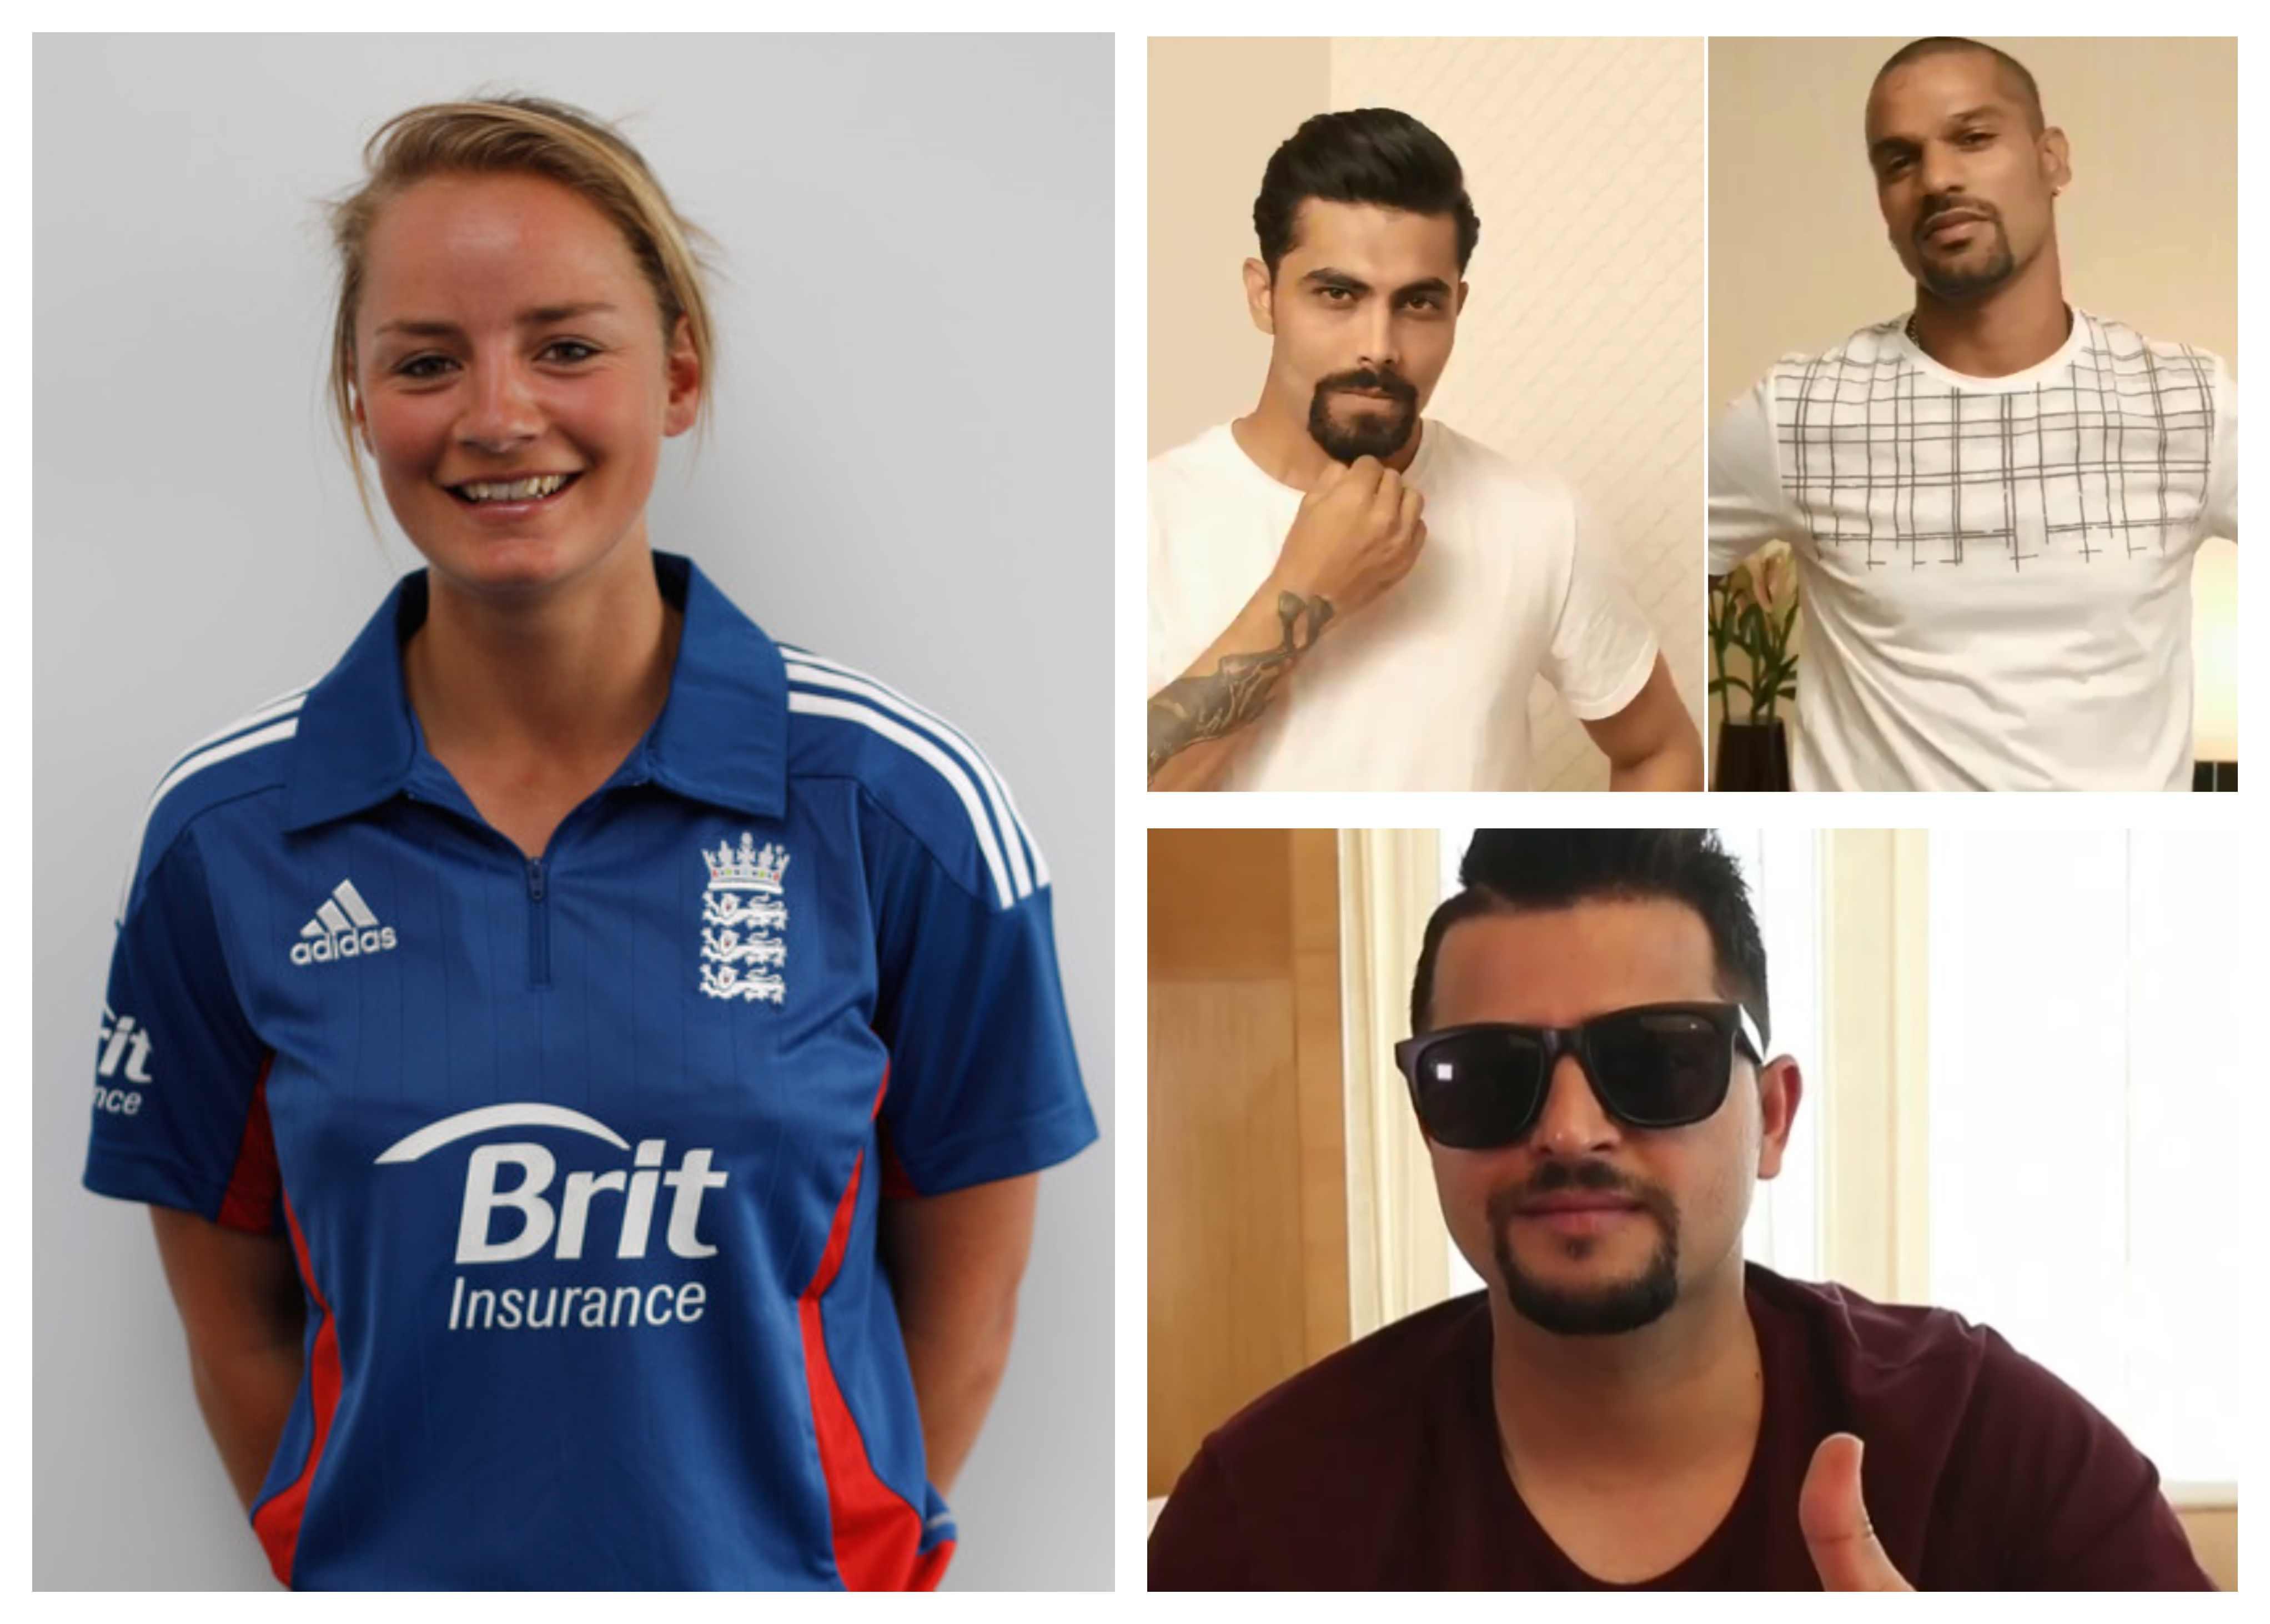 इंग्लैंड की महिला क्रिकेटर डेनियल वायट ने आईपीएल को दिया ये नया नाम 10